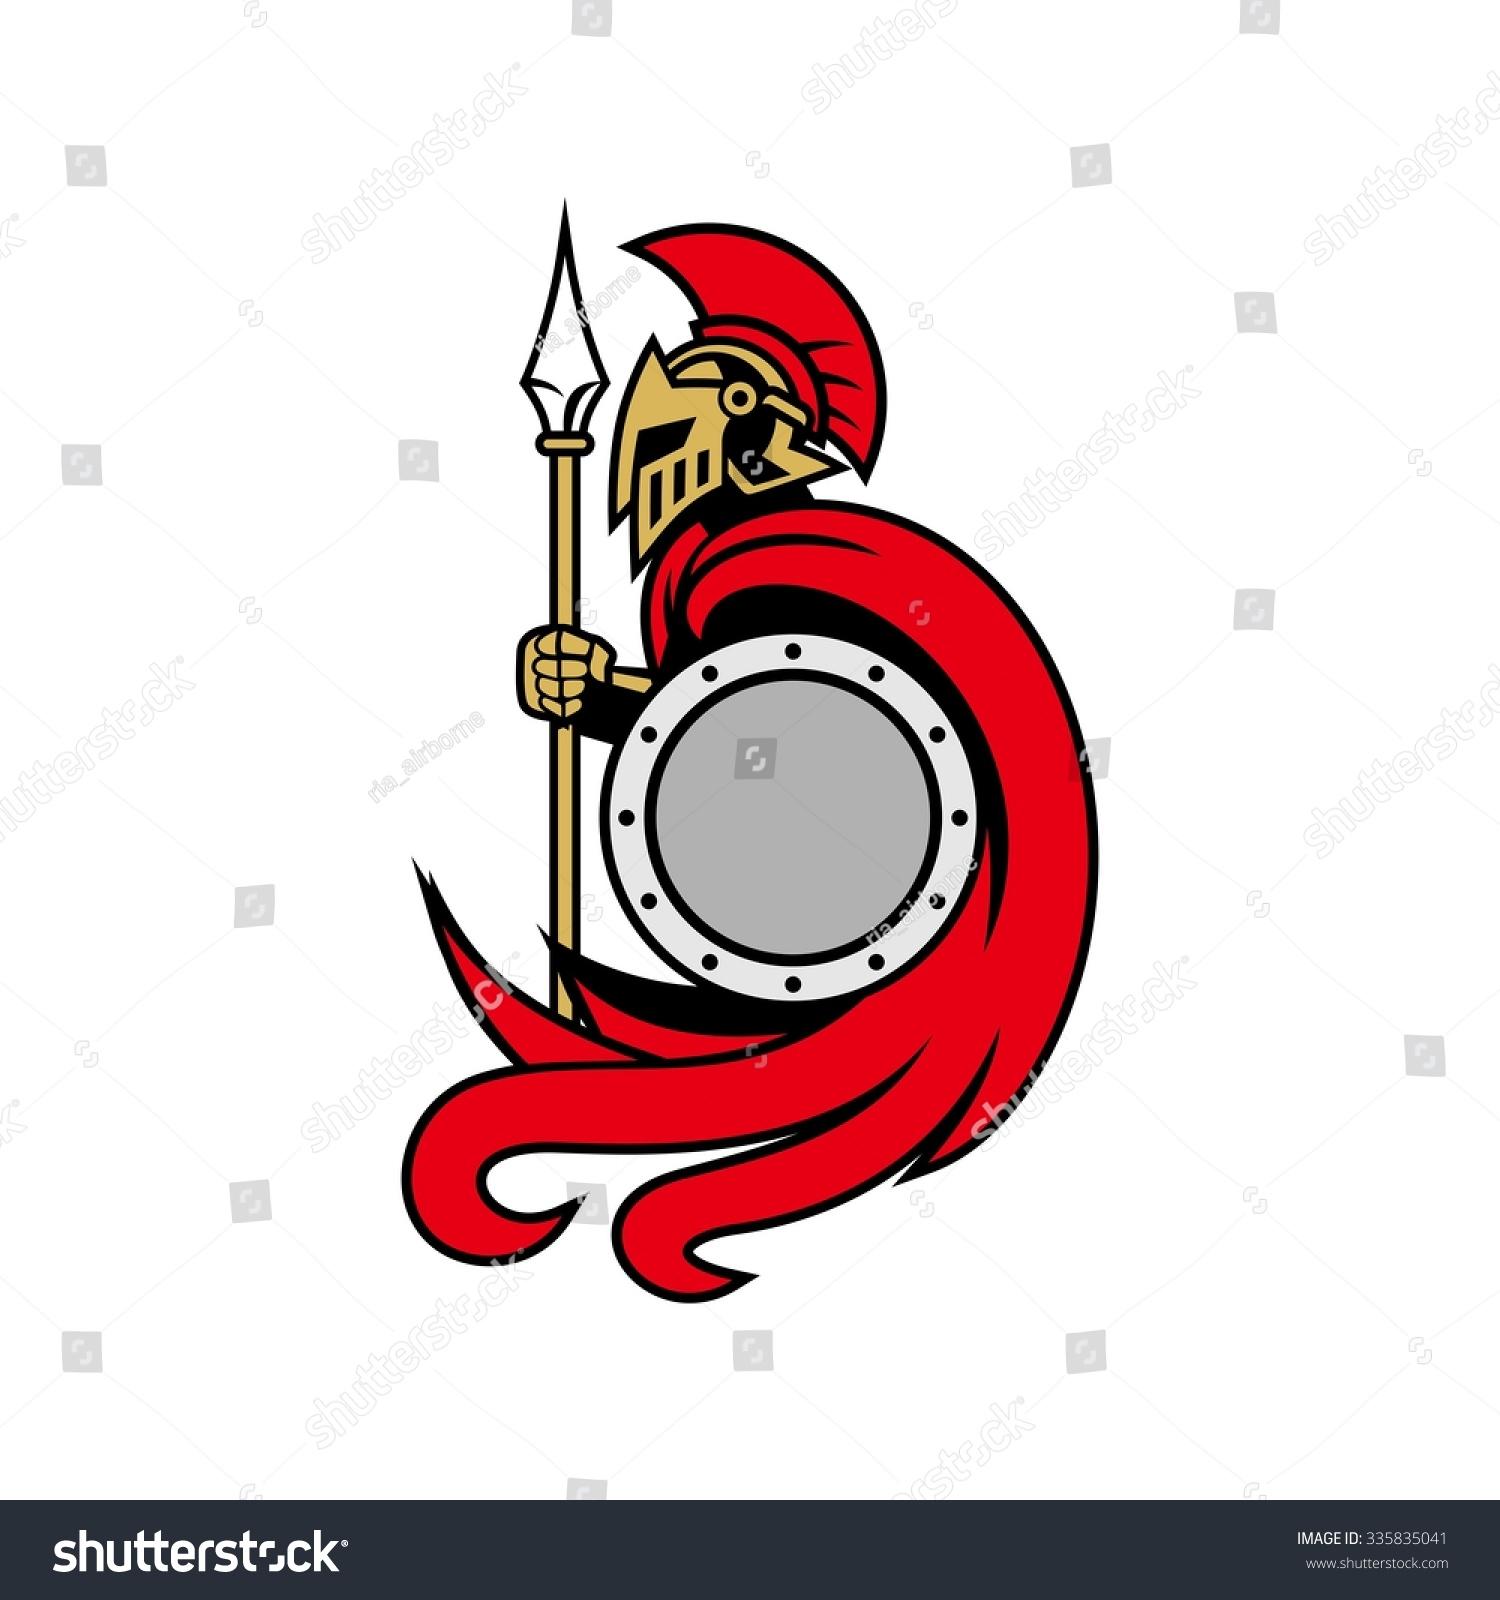 中世纪的骑士盔甲和盾牌,红色和银色的,大胆的和强大图片